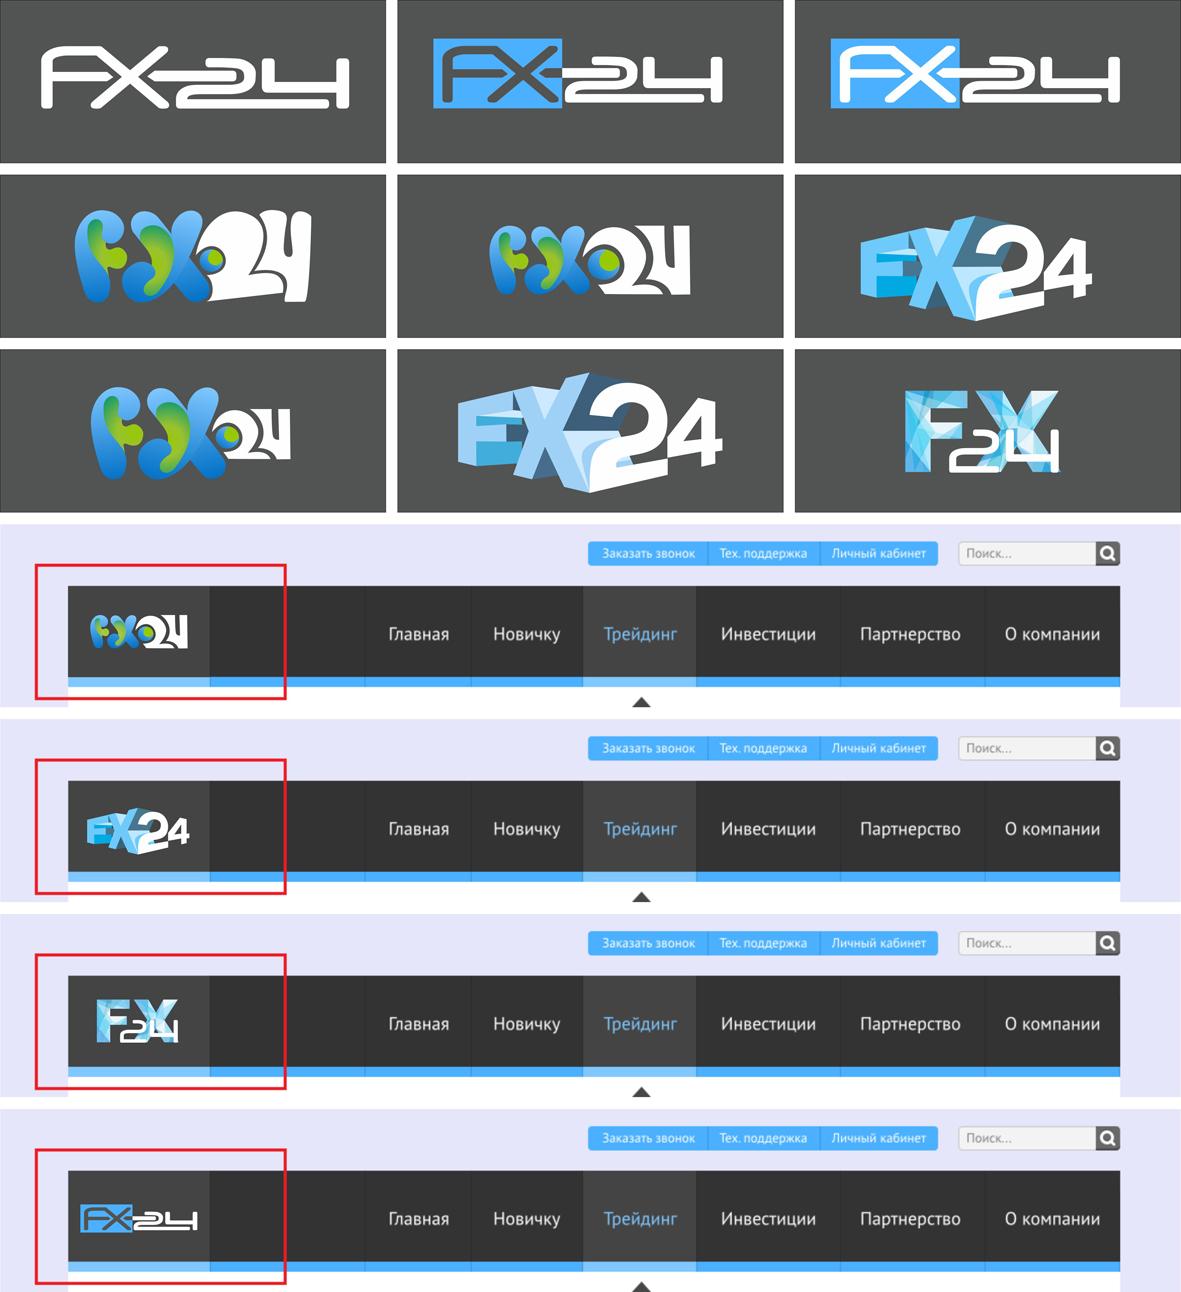 Разработка логотипа компании FX-24 фото f_77650e8488db84f1.jpg